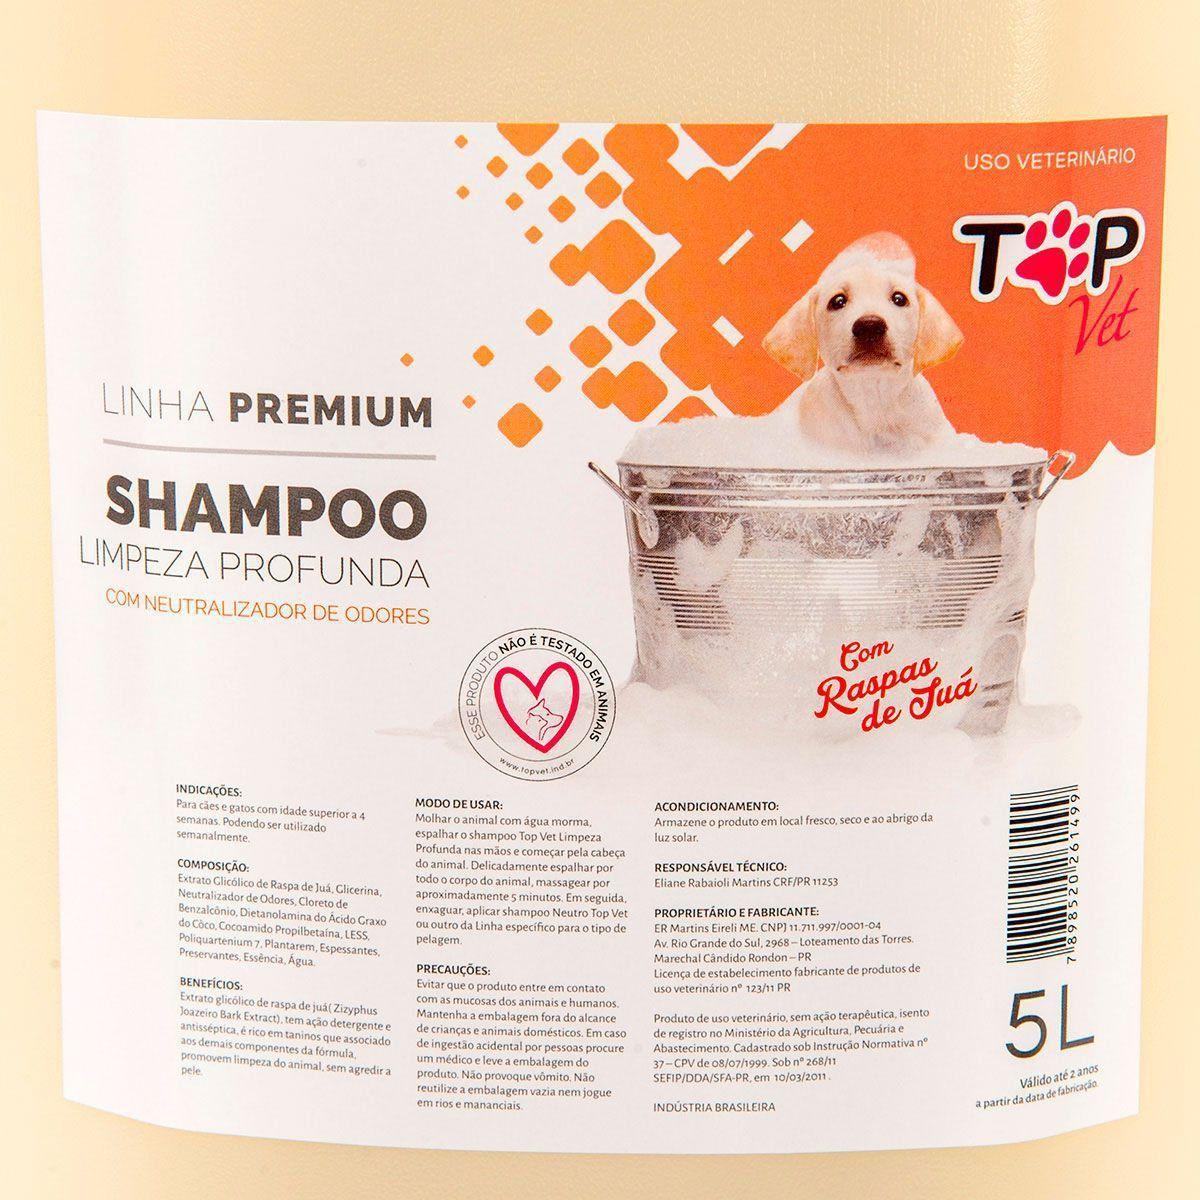 Shampoo Limpeza Profunda Top Vet 5L